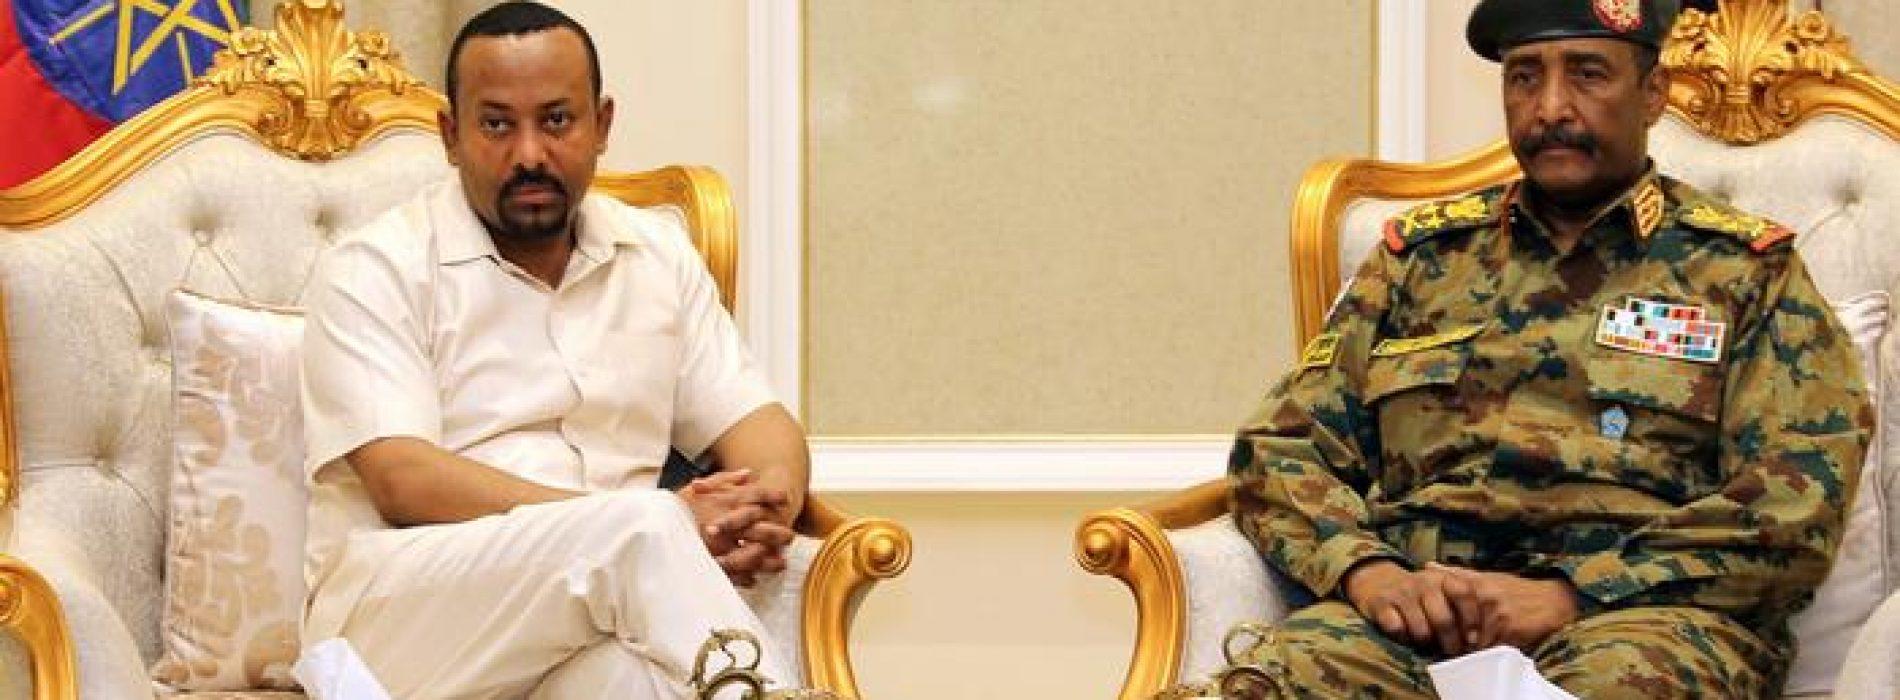 Cosa c'è dietro gli scontri sui confini tra Etiopia e Sudan